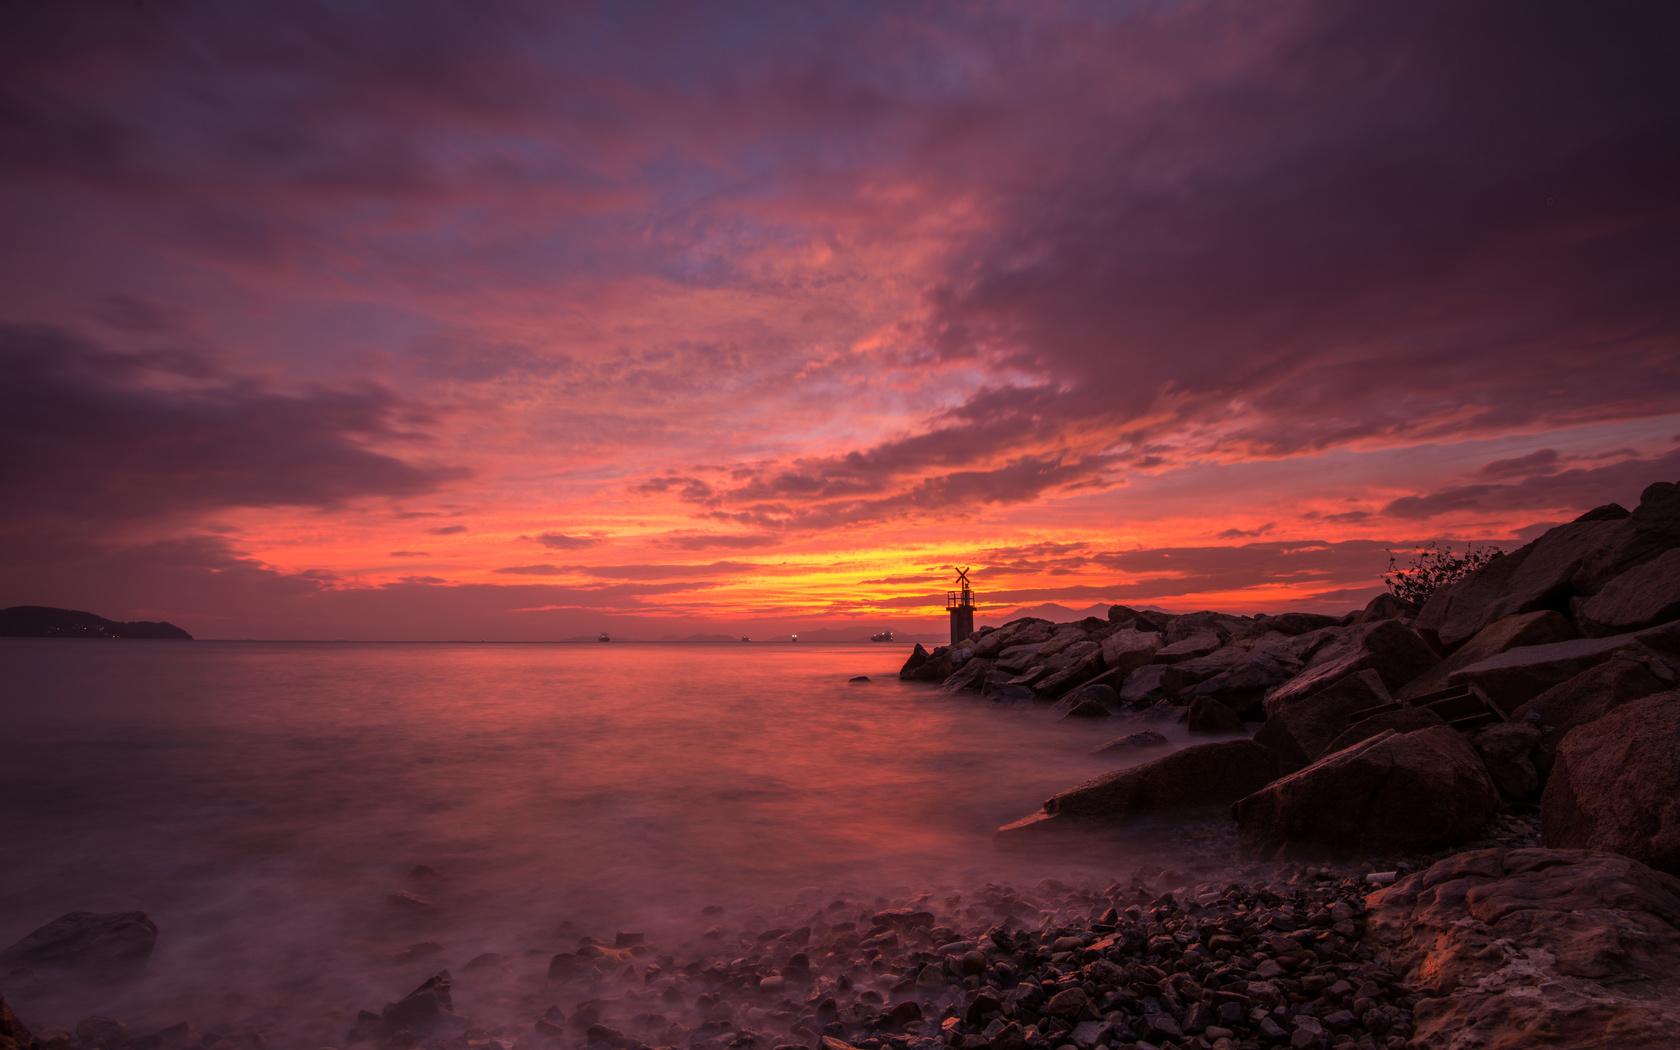 море, пейзаж, маяк, закат, природа